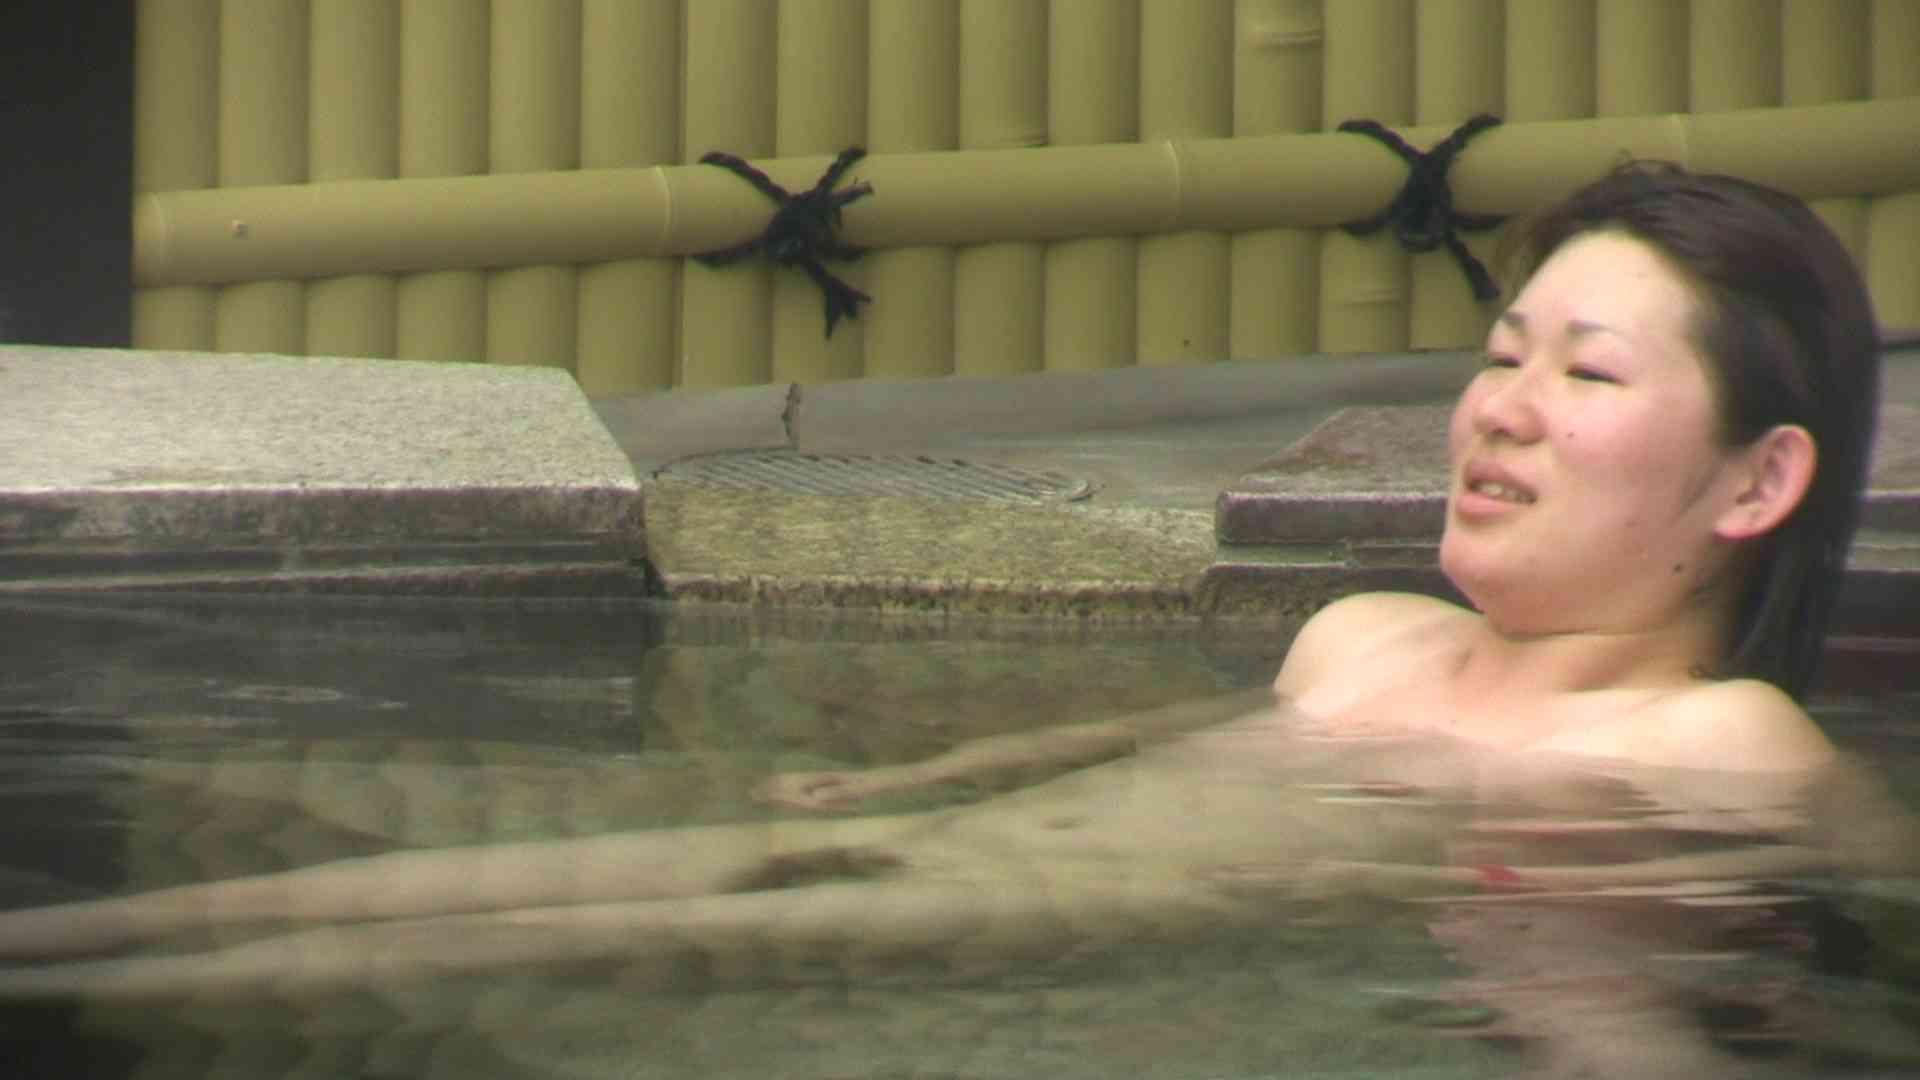 Aquaな露天風呂Vol.673 美しいOLの裸体   盗撮師作品  99pic 91